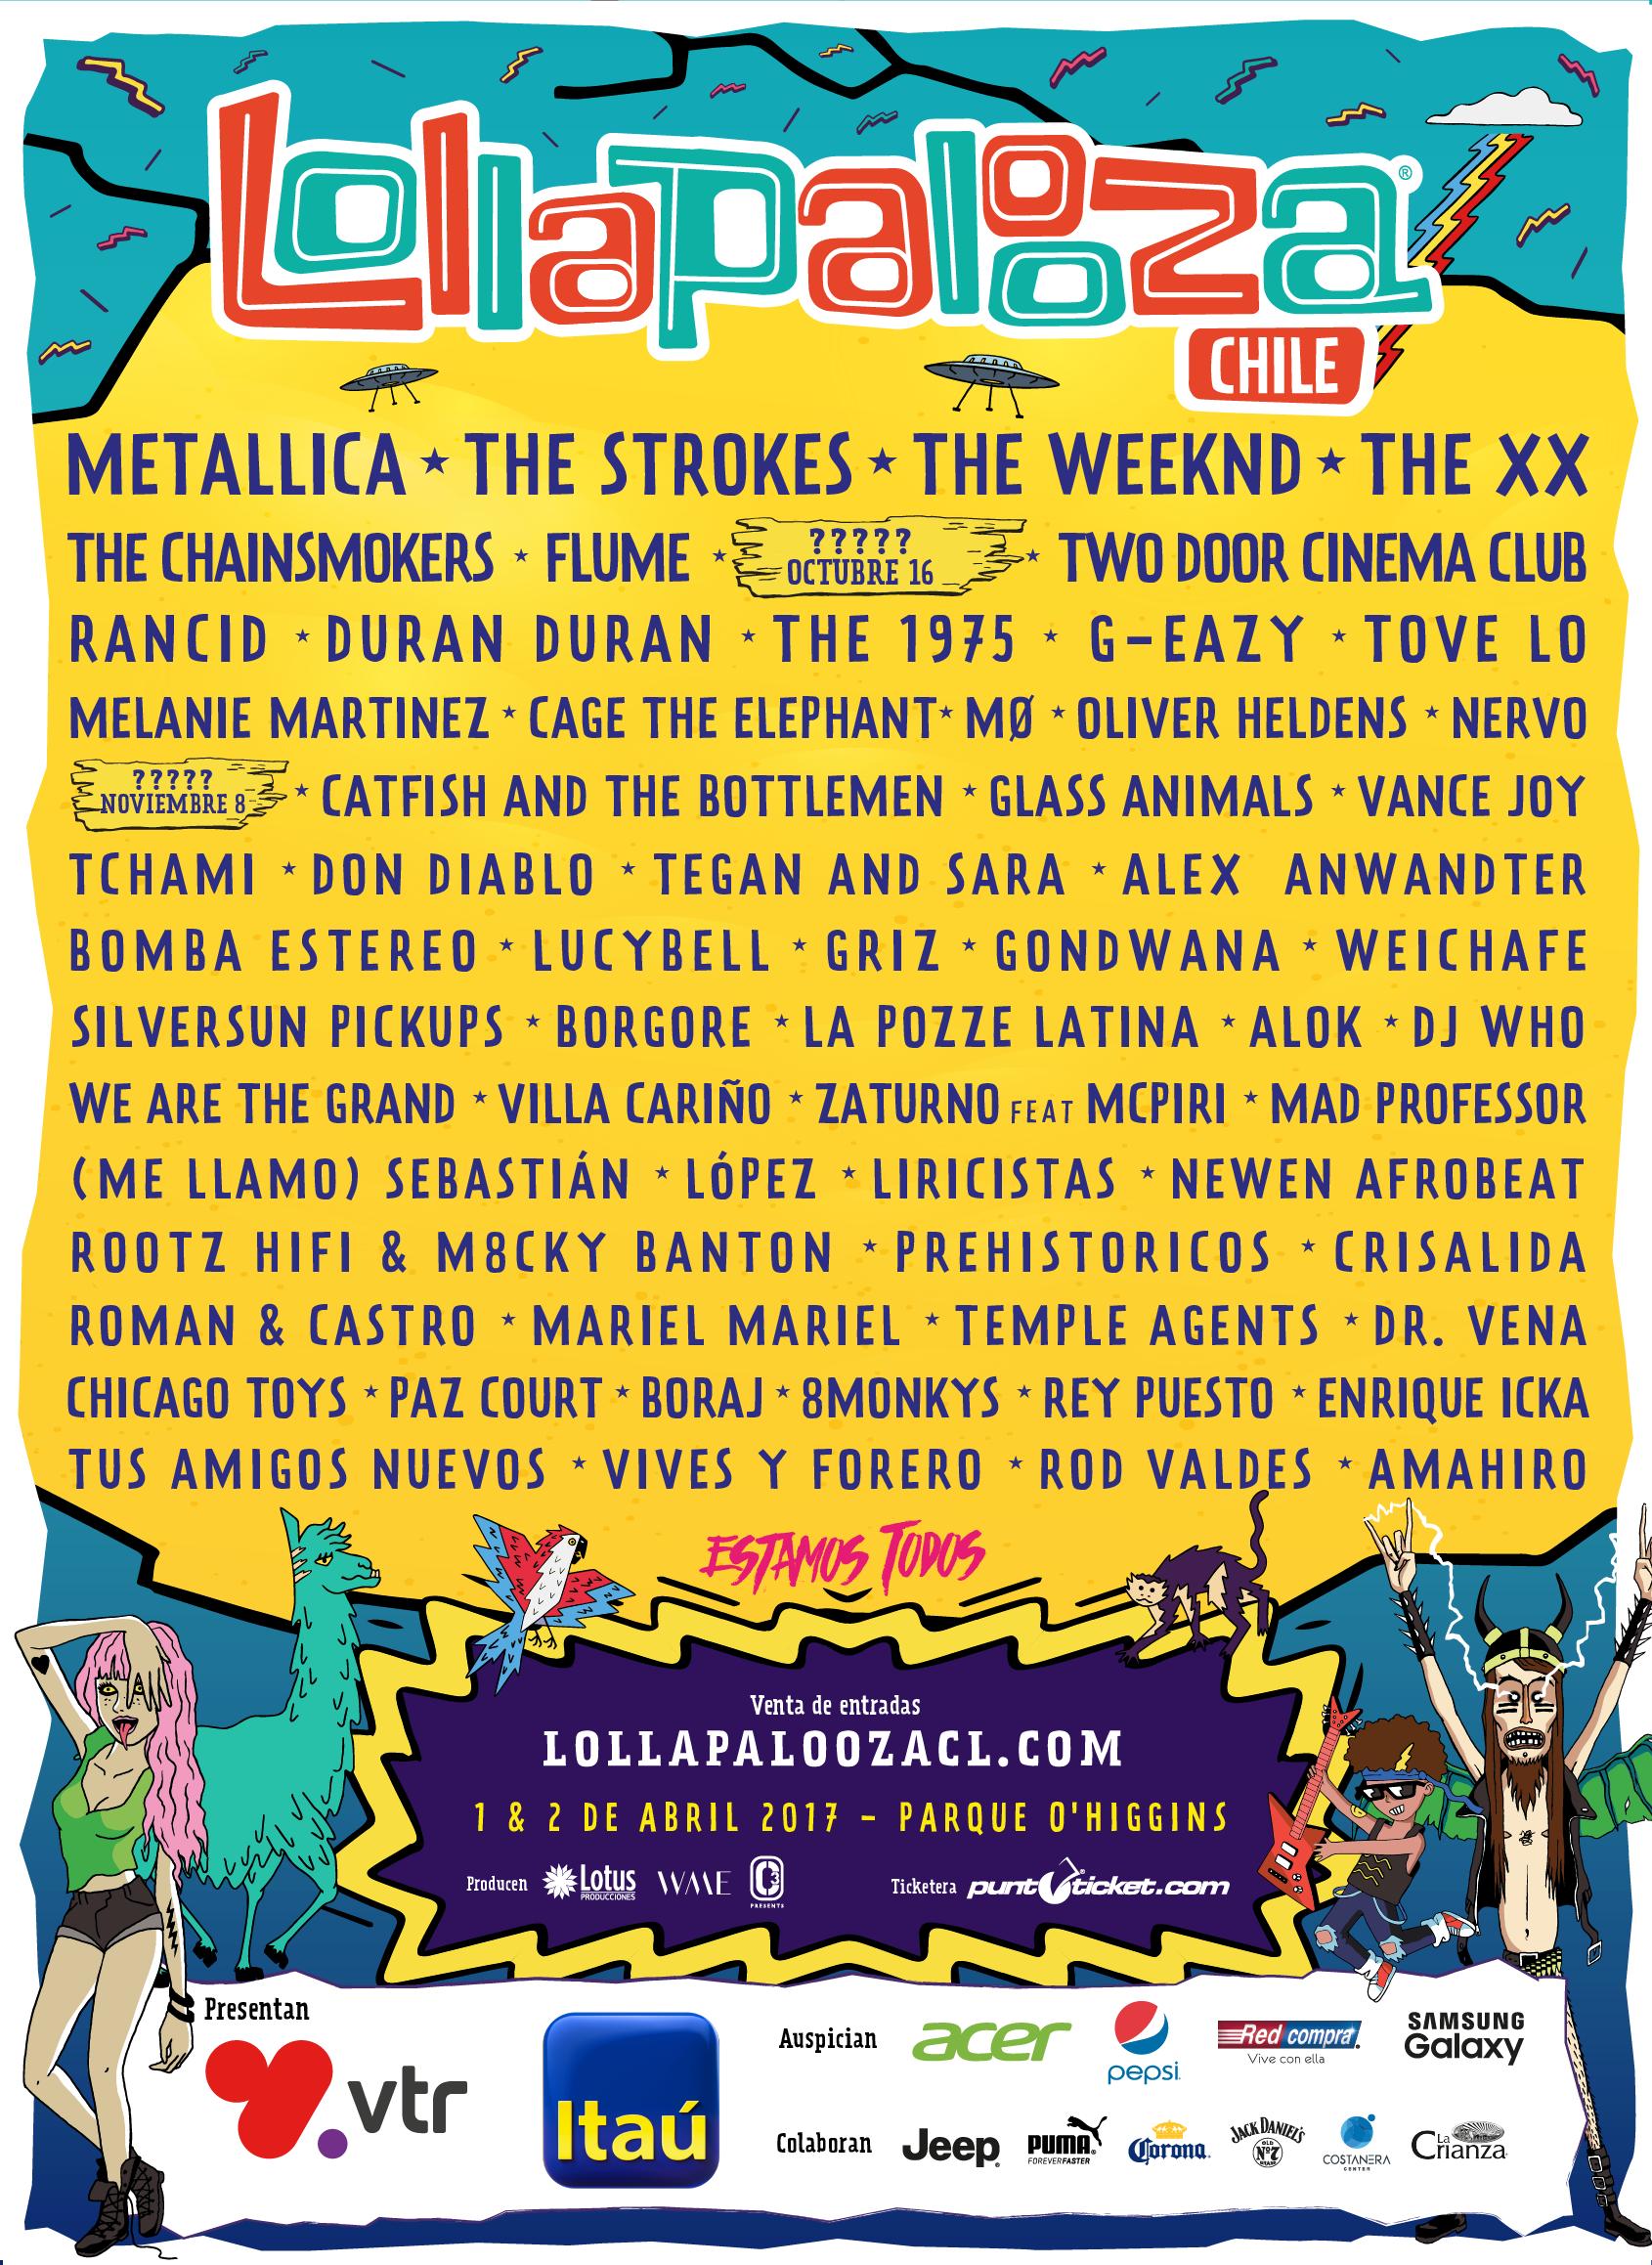 Lollapalooza Chile anuncia su cartel completo: Metallica, The Strokes, Duran Duran, Rancid y más